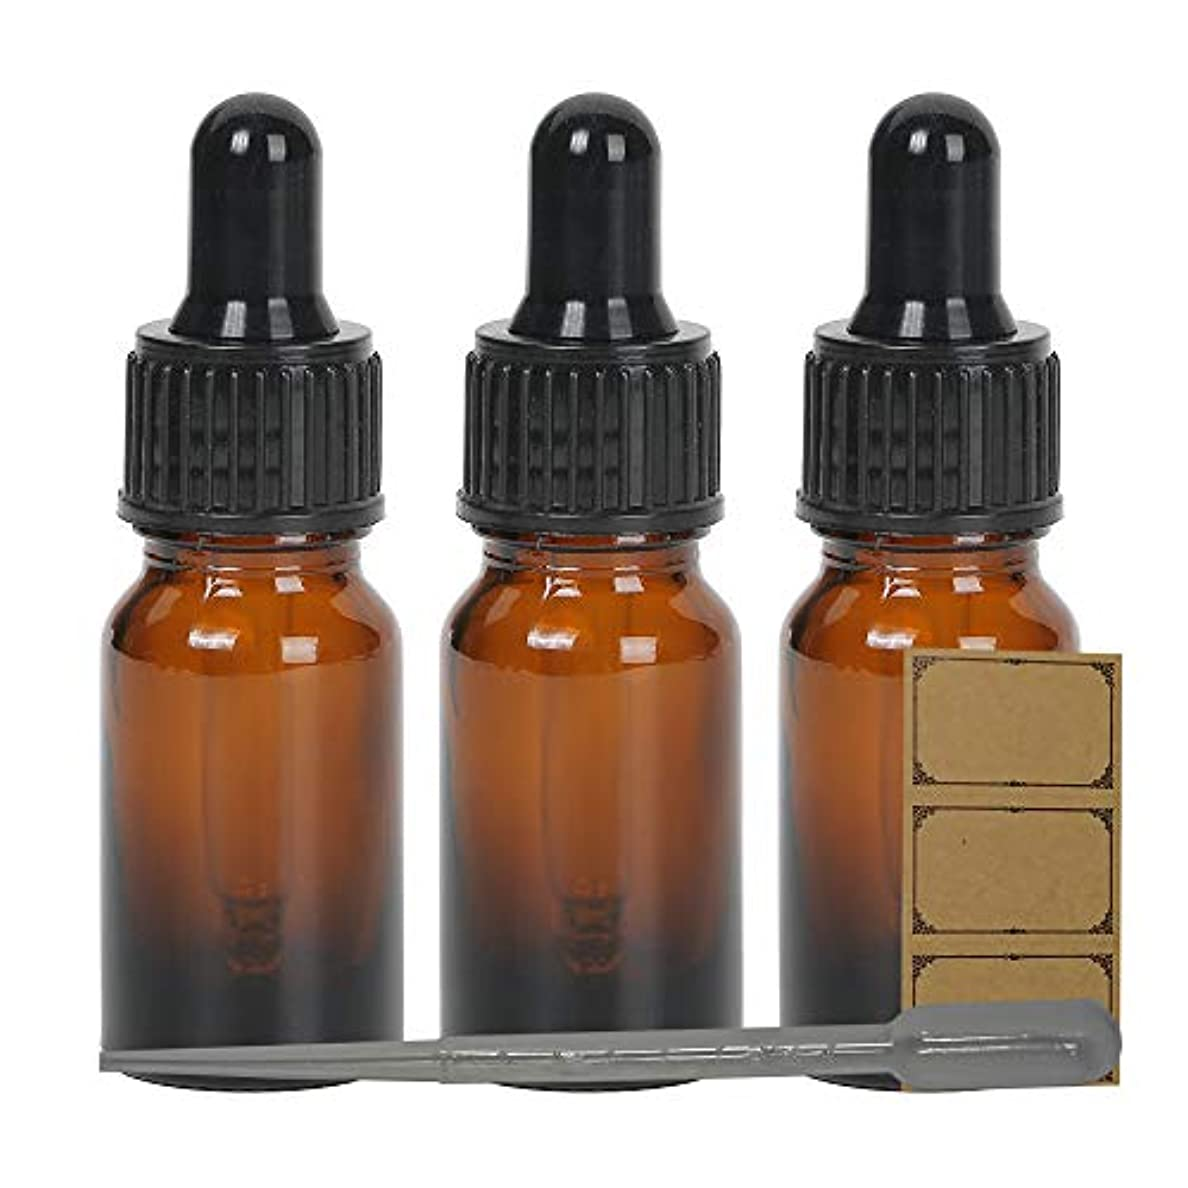 機械的シリーズ危険にさらされているスポイト付き遮光瓶 10ml プラスポイト ラベルシールセット 10ml×3本